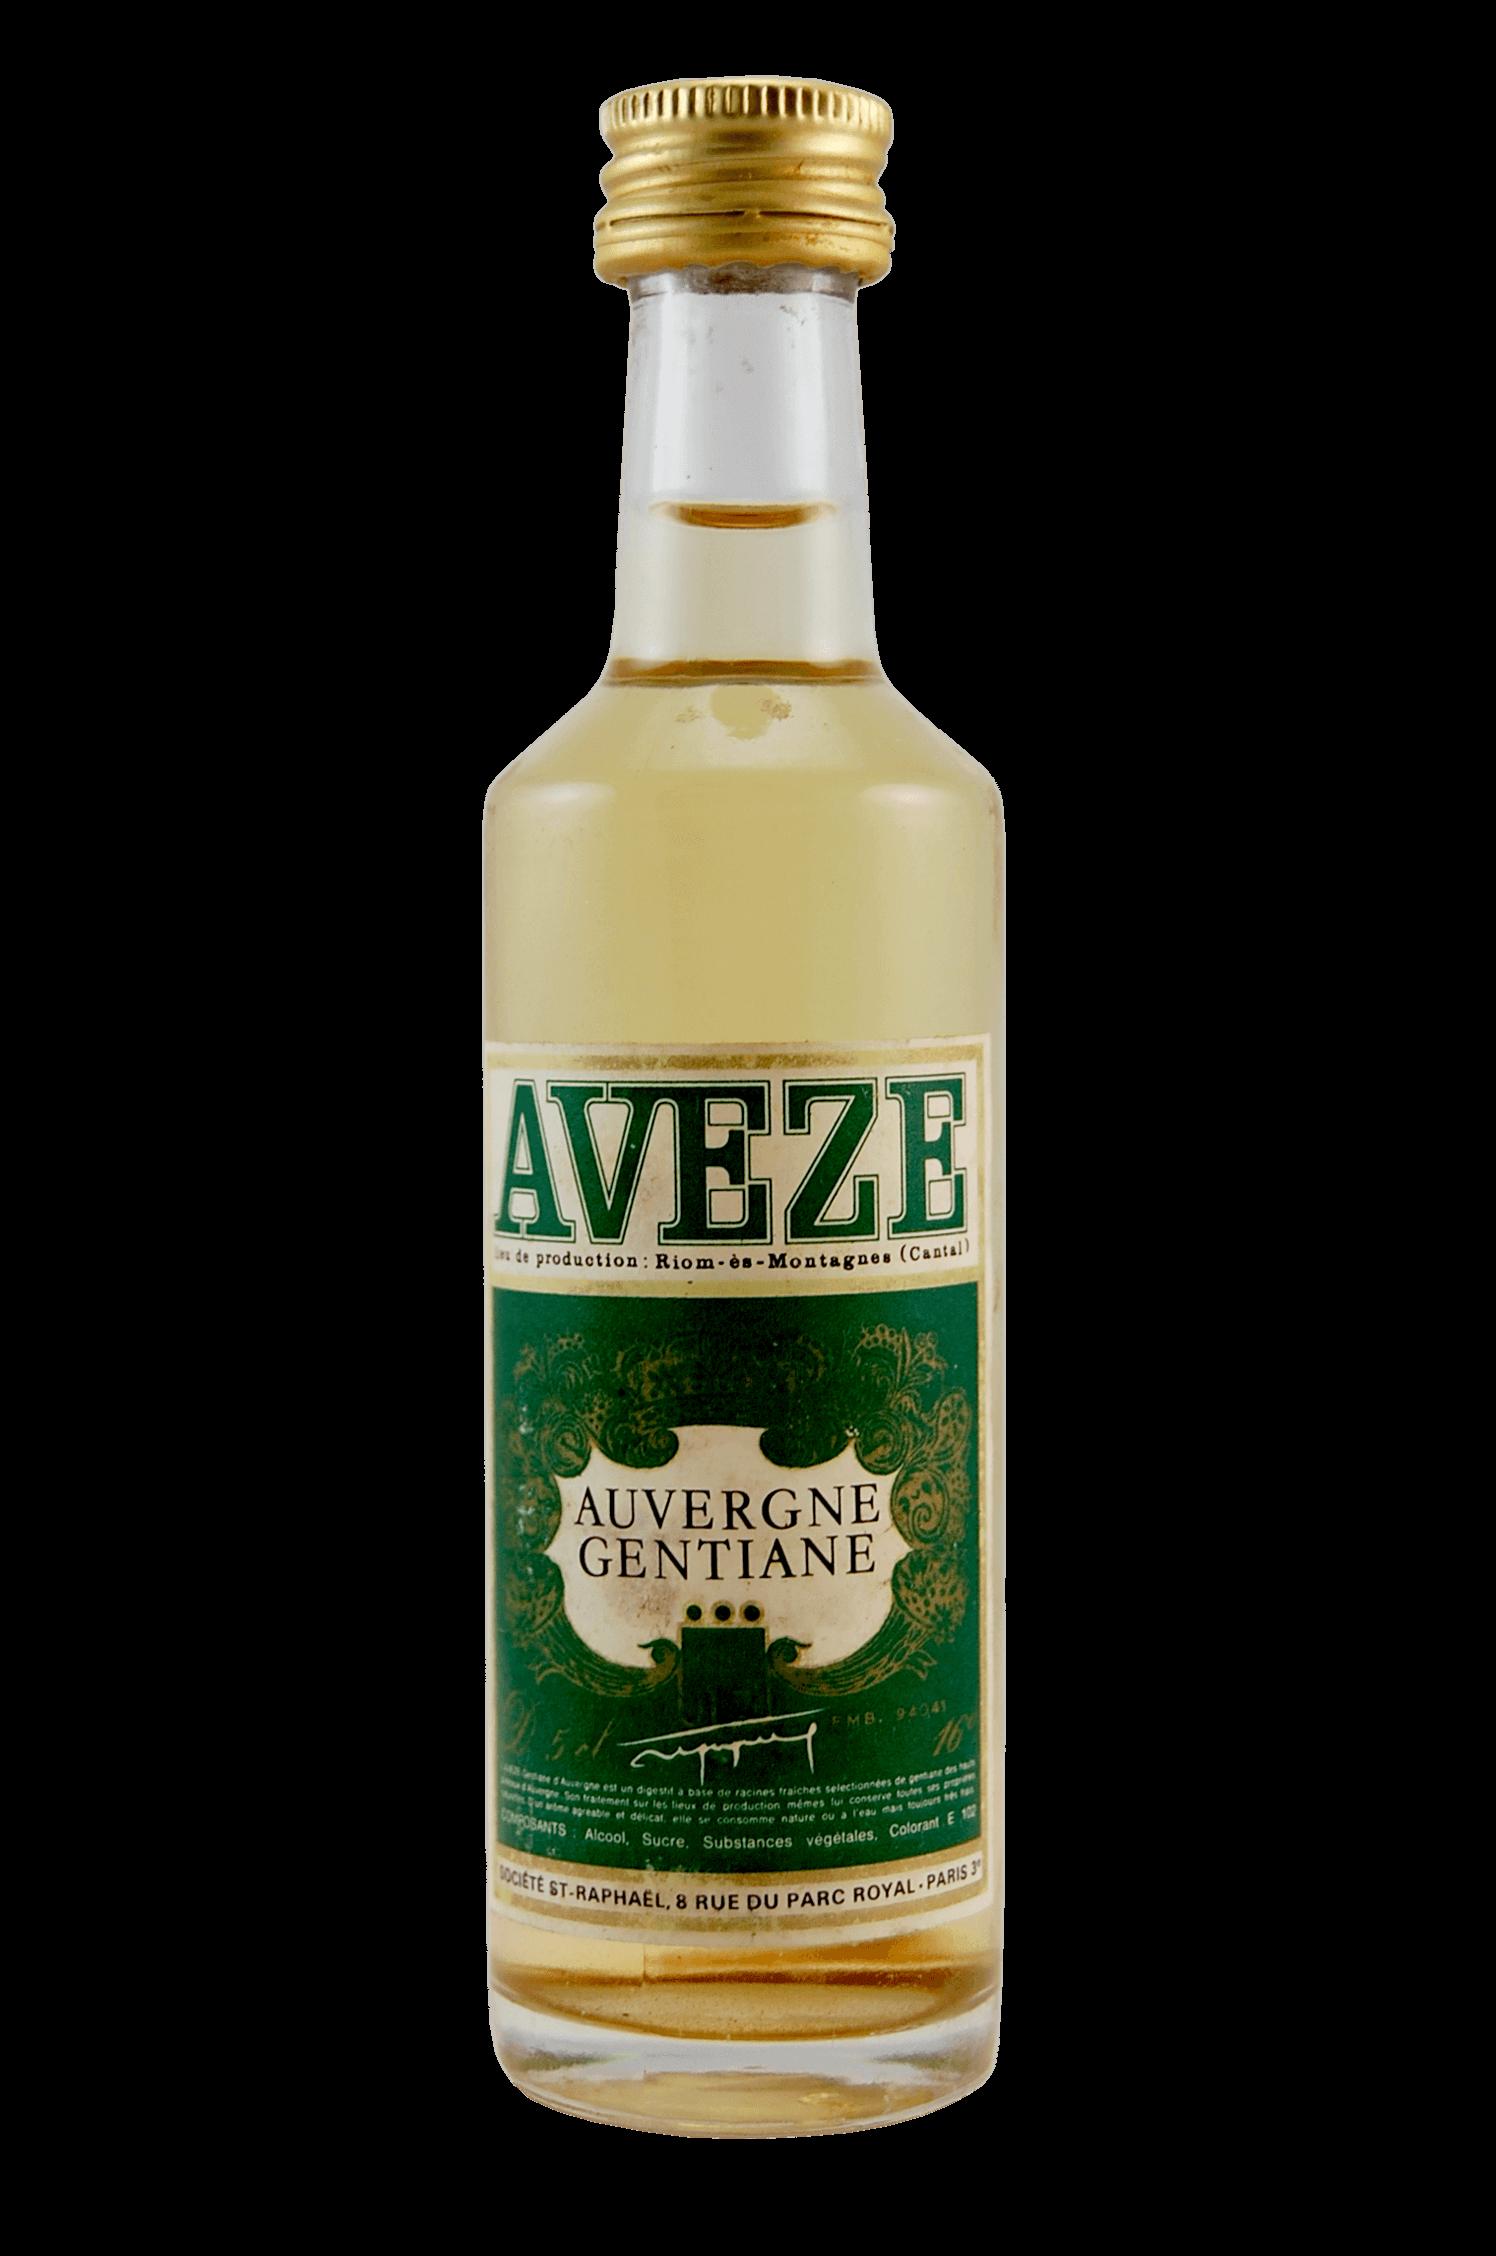 Aveze Auvergne Gentiane